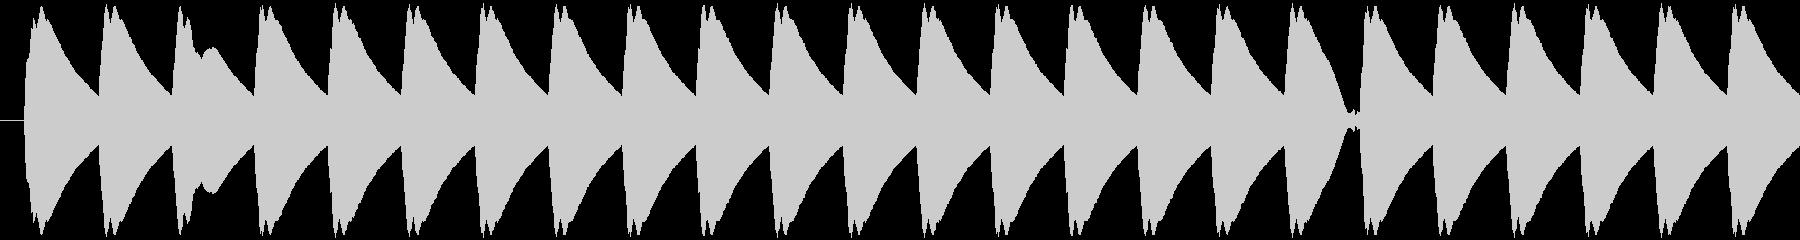 ゲージ増減 得点などの集計 ピィリリリ…の未再生の波形